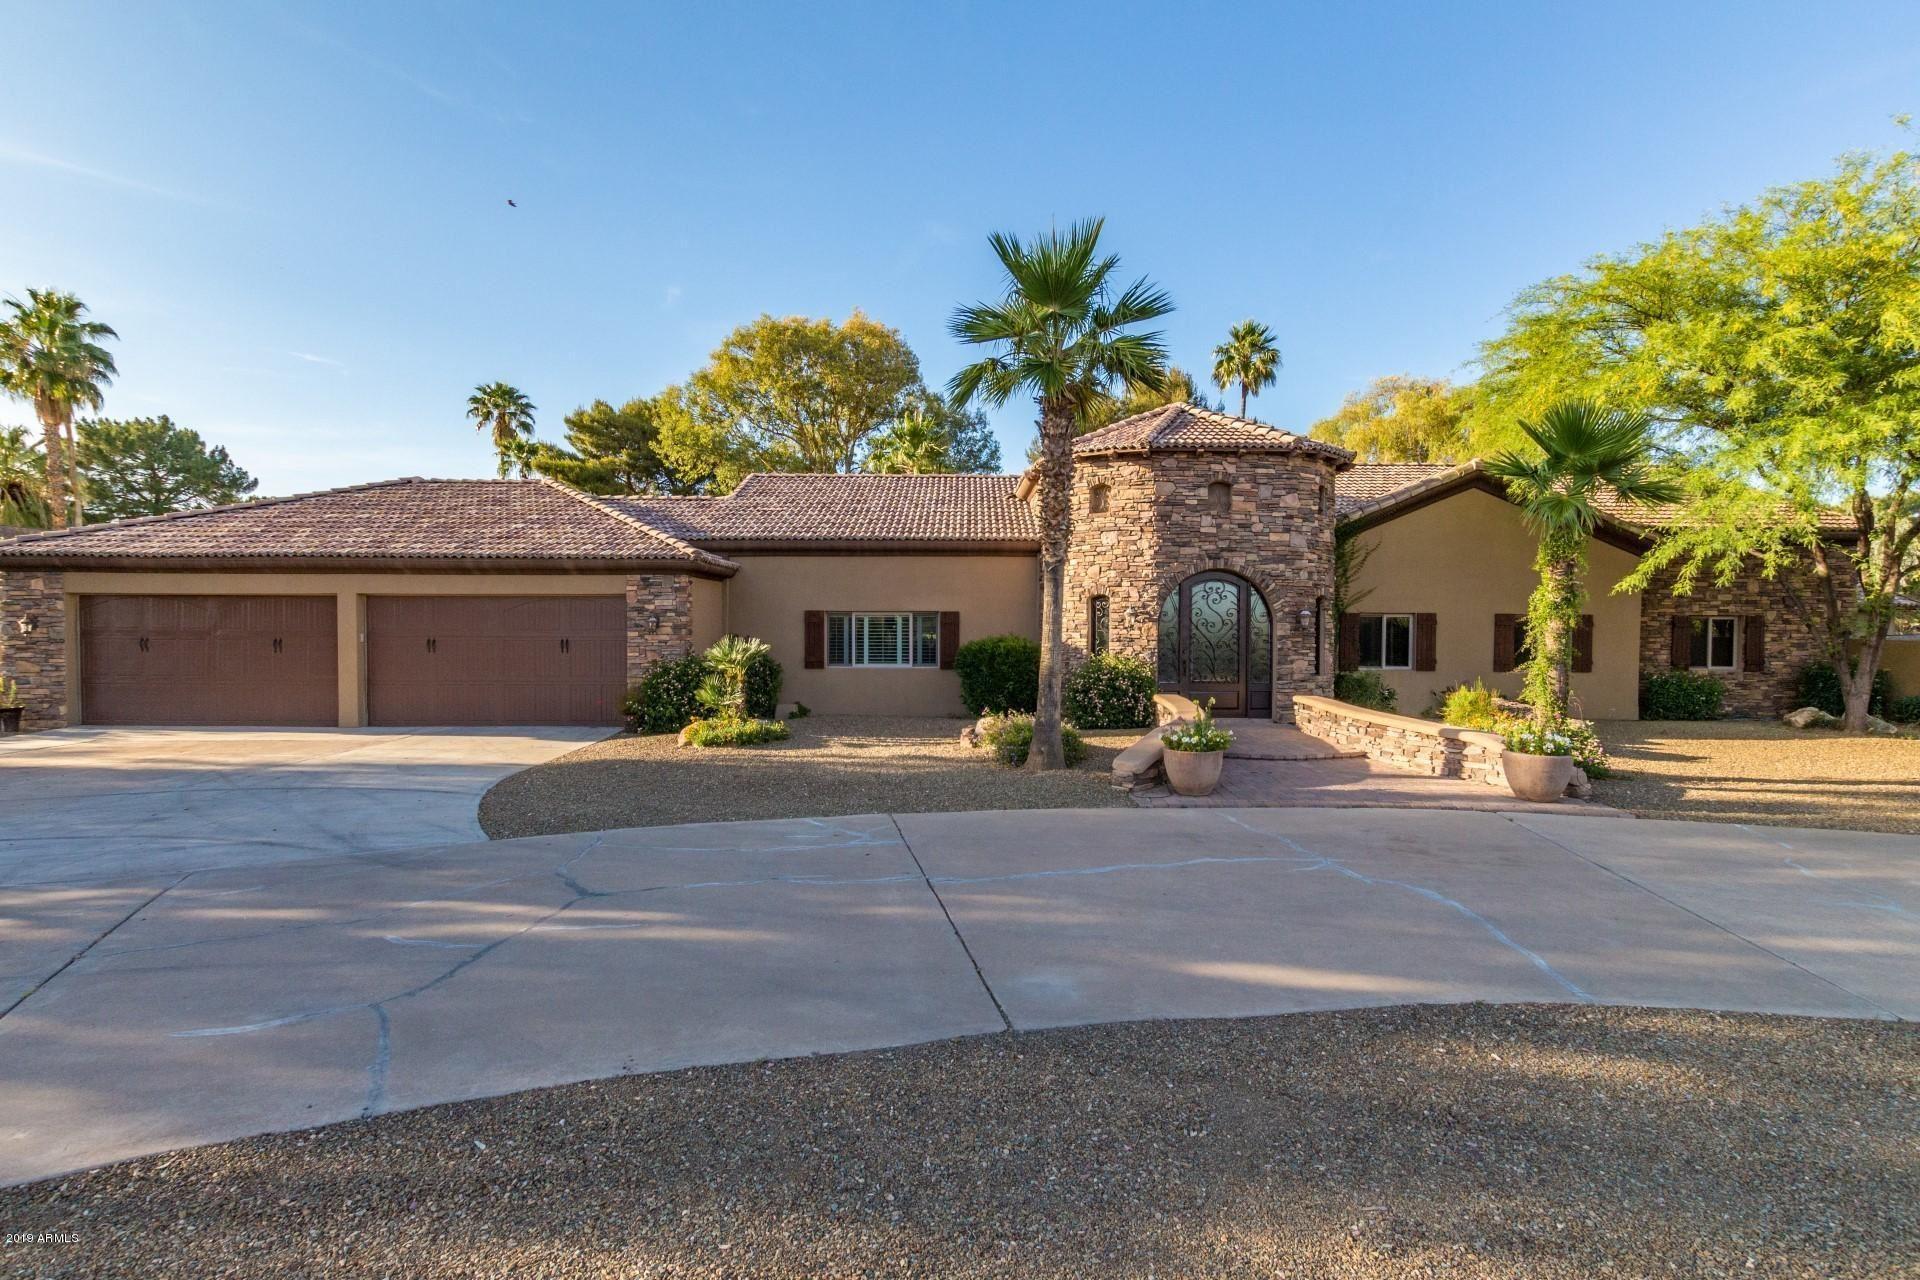 5802 E SHEA Boulevard, Scottsdale, AZ 85254 - #: 5917704